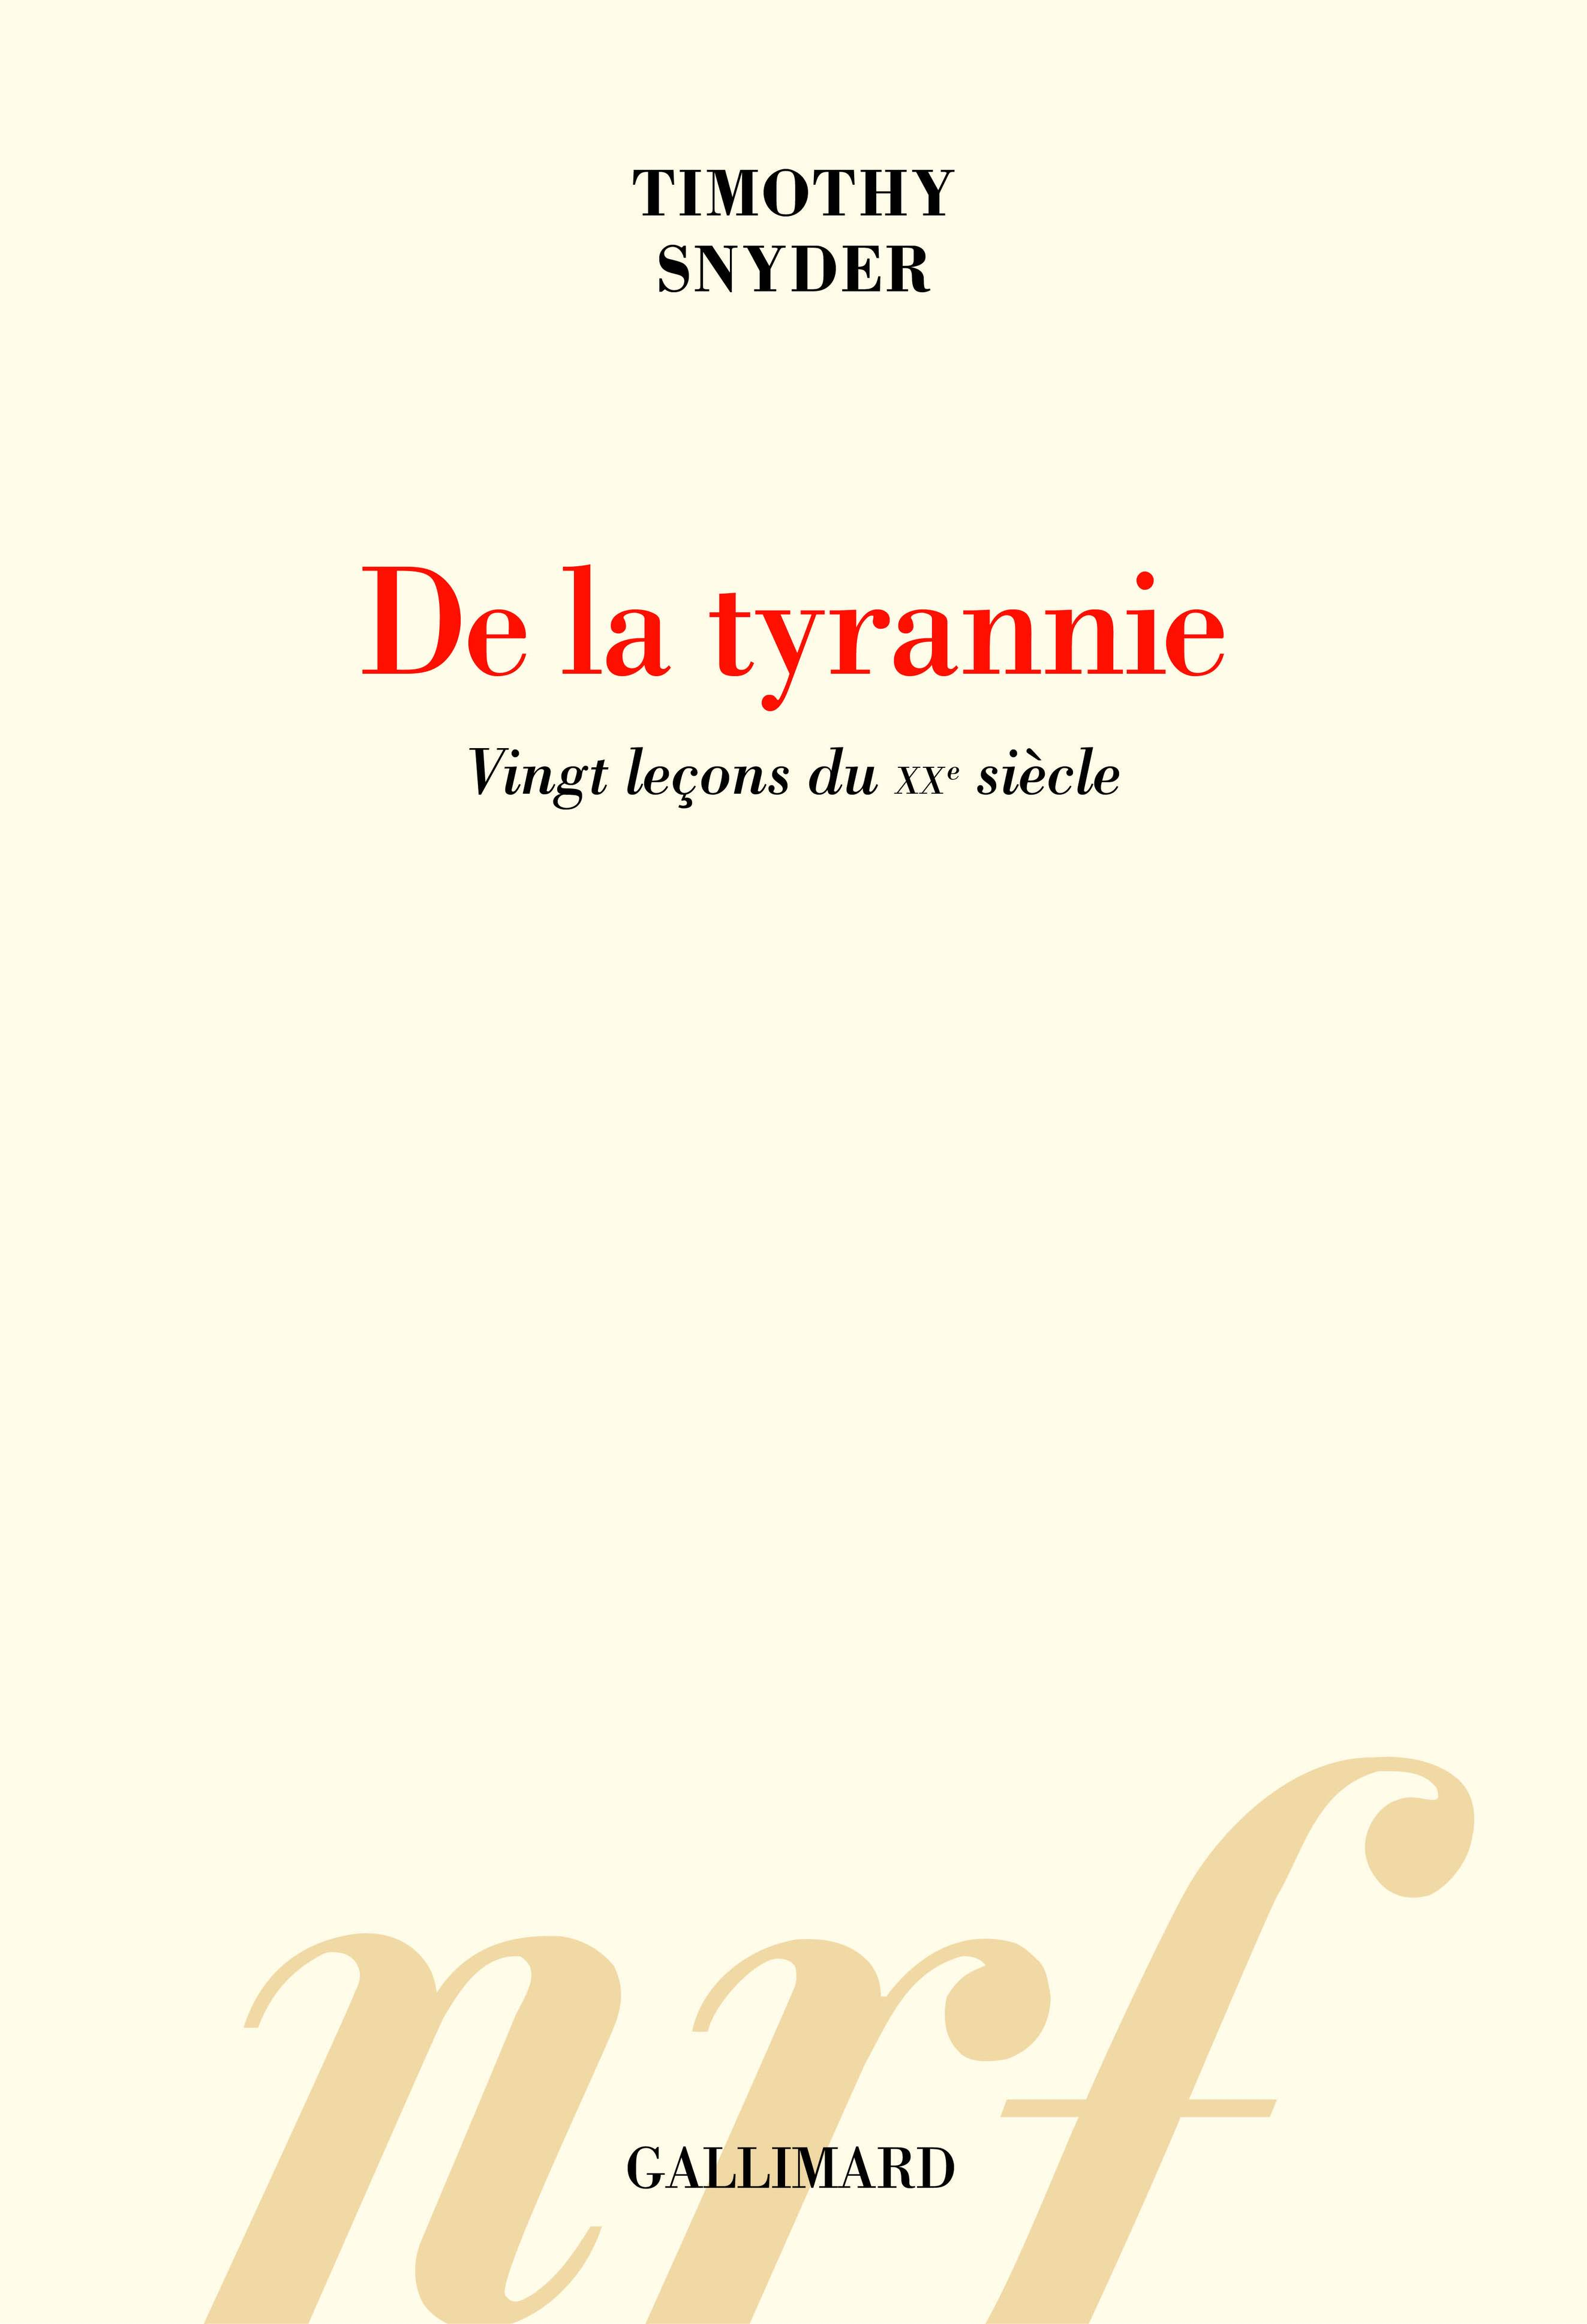 T. Snyders, De la tyrannie. Vingt leçons du XXᵉ siècle